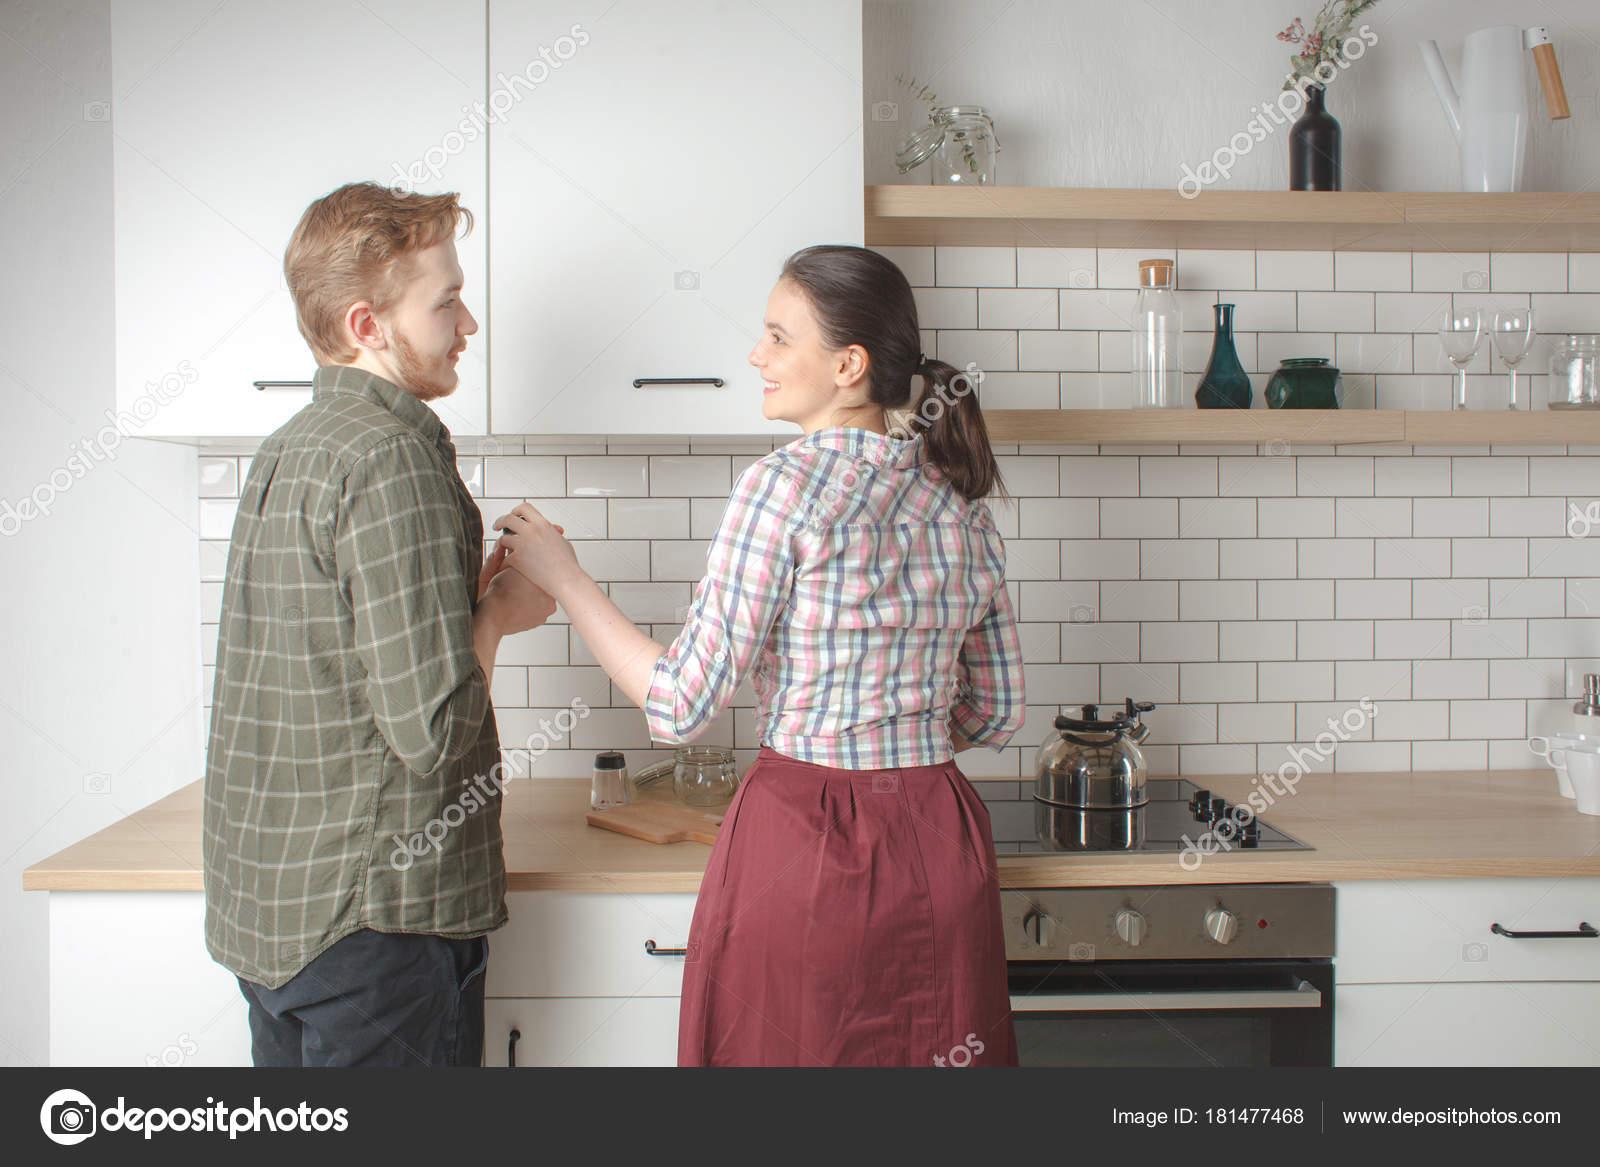 paar zu Hause kochen Küche zusammen — Stockfoto © schum45 #181477468